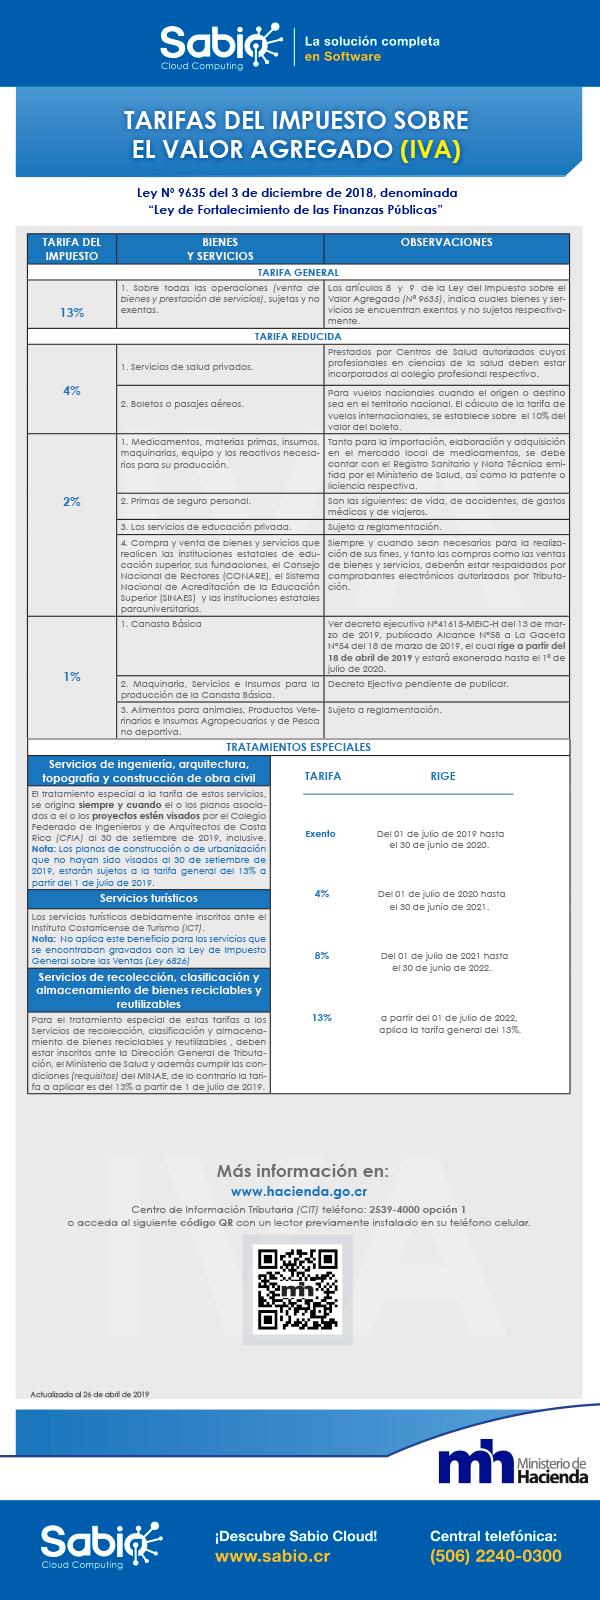 Tarifas del Impuesto sobre el Valor Agregado (IVA)